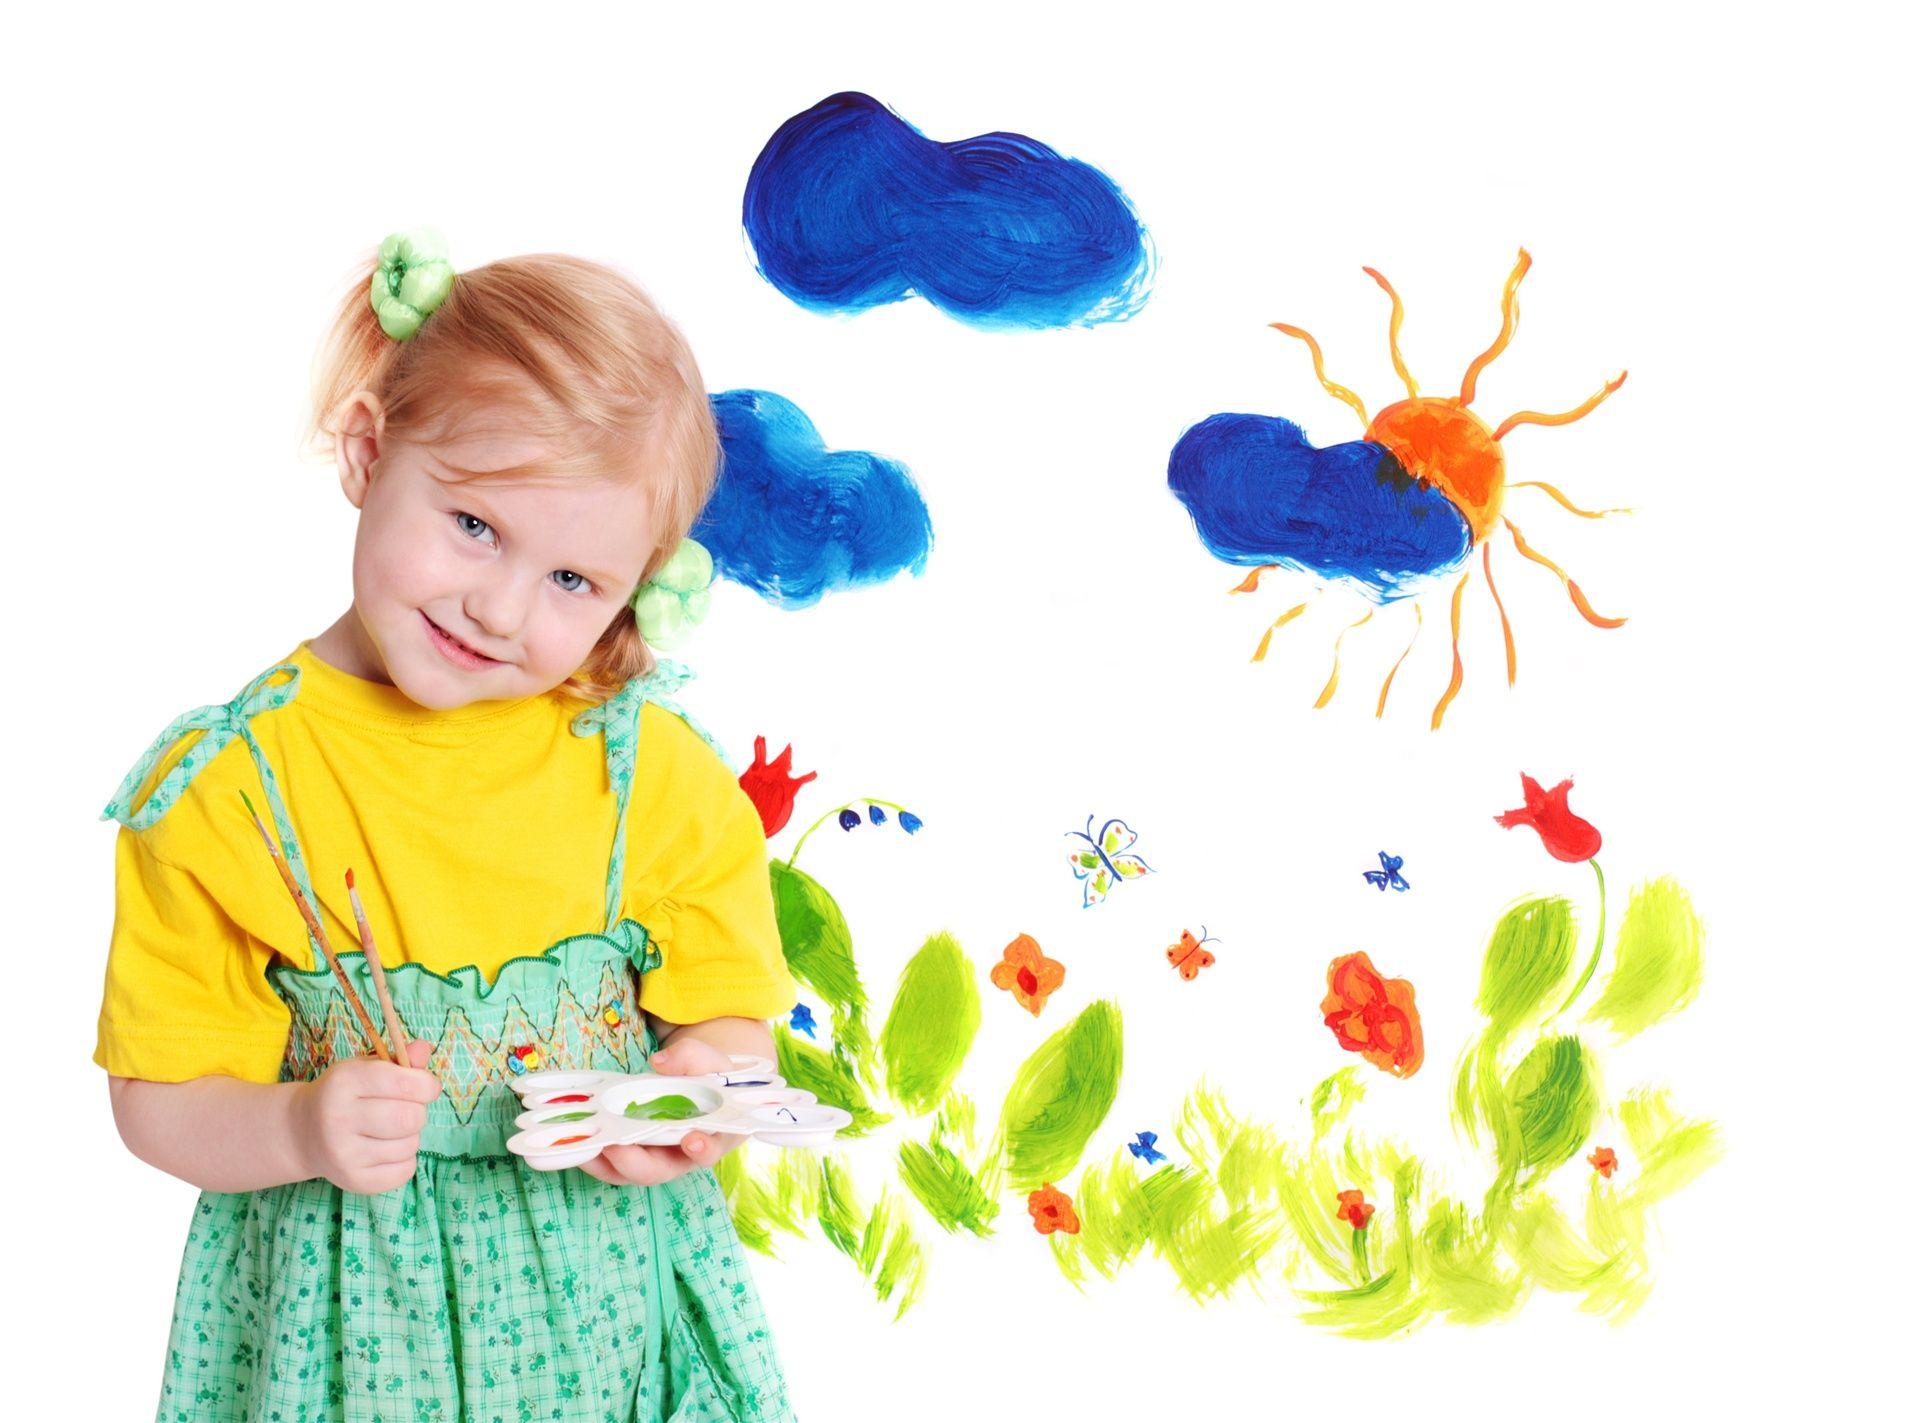 #menina, #flores, #pintura, #sol, #nuvens, #criança, #cor, #belo, #desenho, #cores, #crianças, #felicidade, #bonitinho, #alegria, #feliz, #infância, #adorável, #uma menina, #olhos azuis, #bastante, #desenhar, #artista